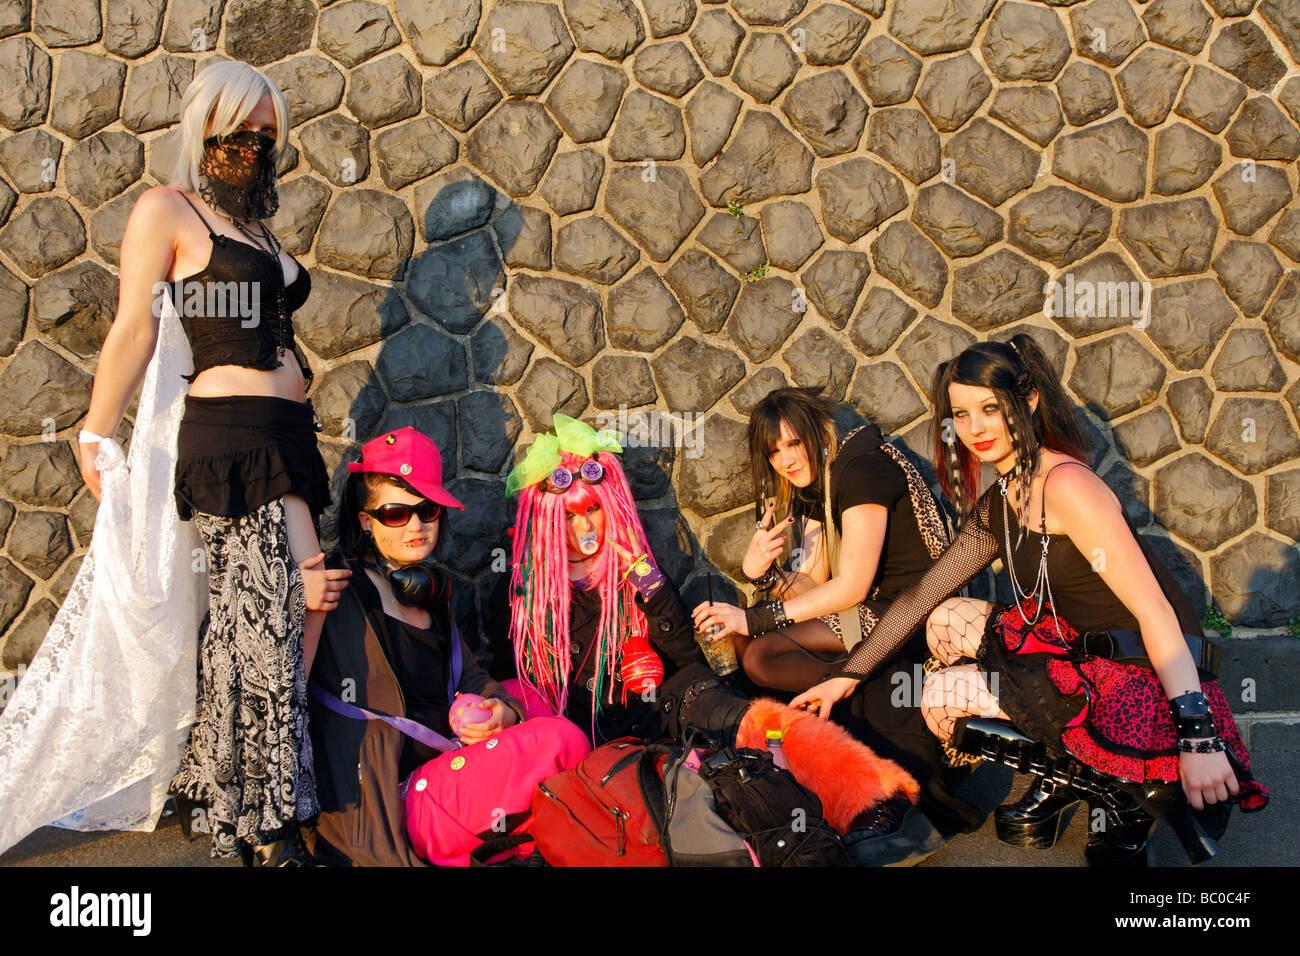 Un grupo de 5 jóvenes en refinado estridente traje de fantasía en el día Japonés en Düsseldorf 2009 Japón Tag Foto de stock